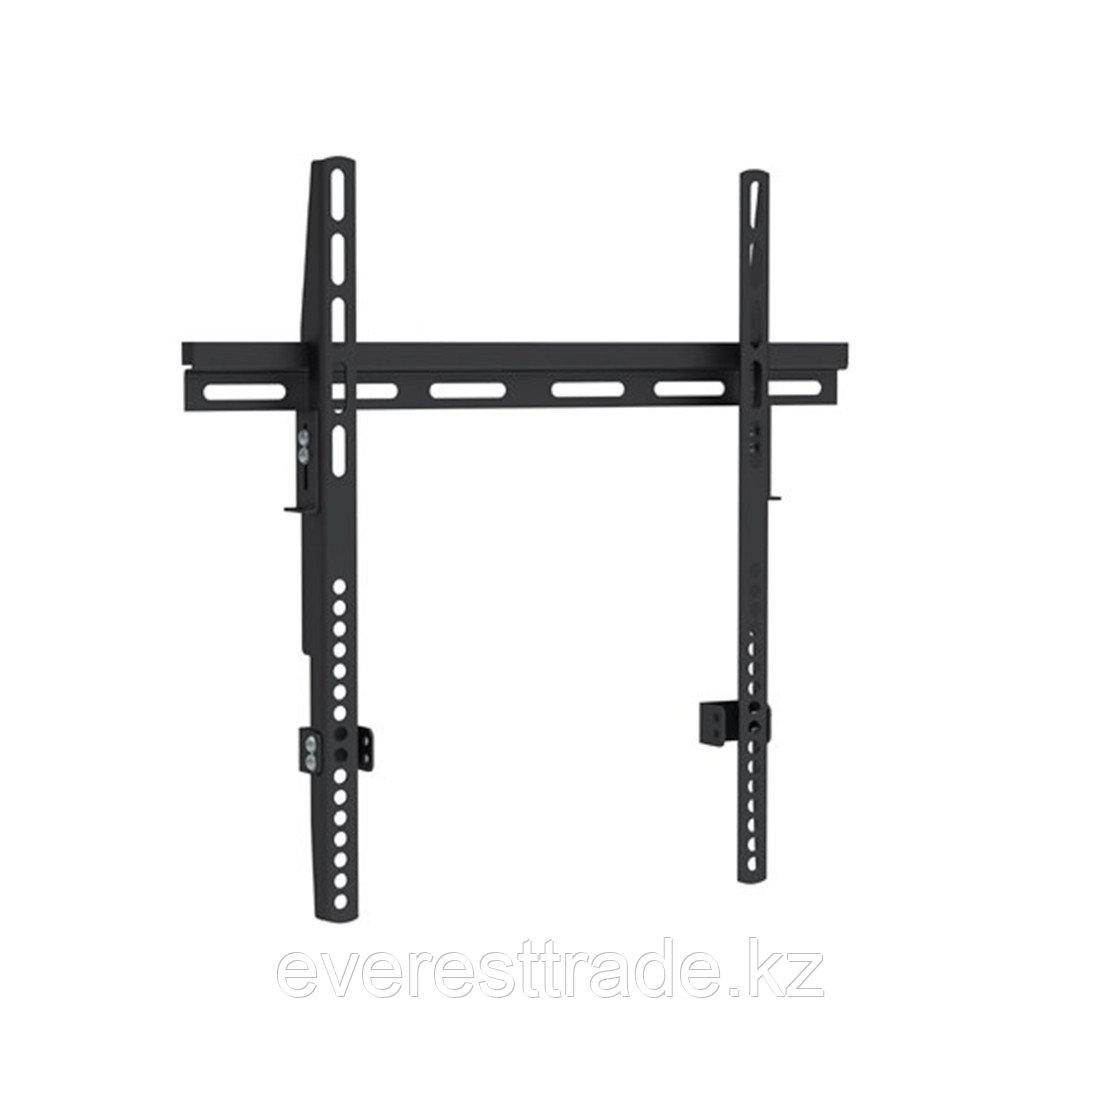 Brateck Крепление для ТВ и мониторов Brateck KL14-44F, S-Series, Макс. нагрузка-50 кг, Диагональ 32-55